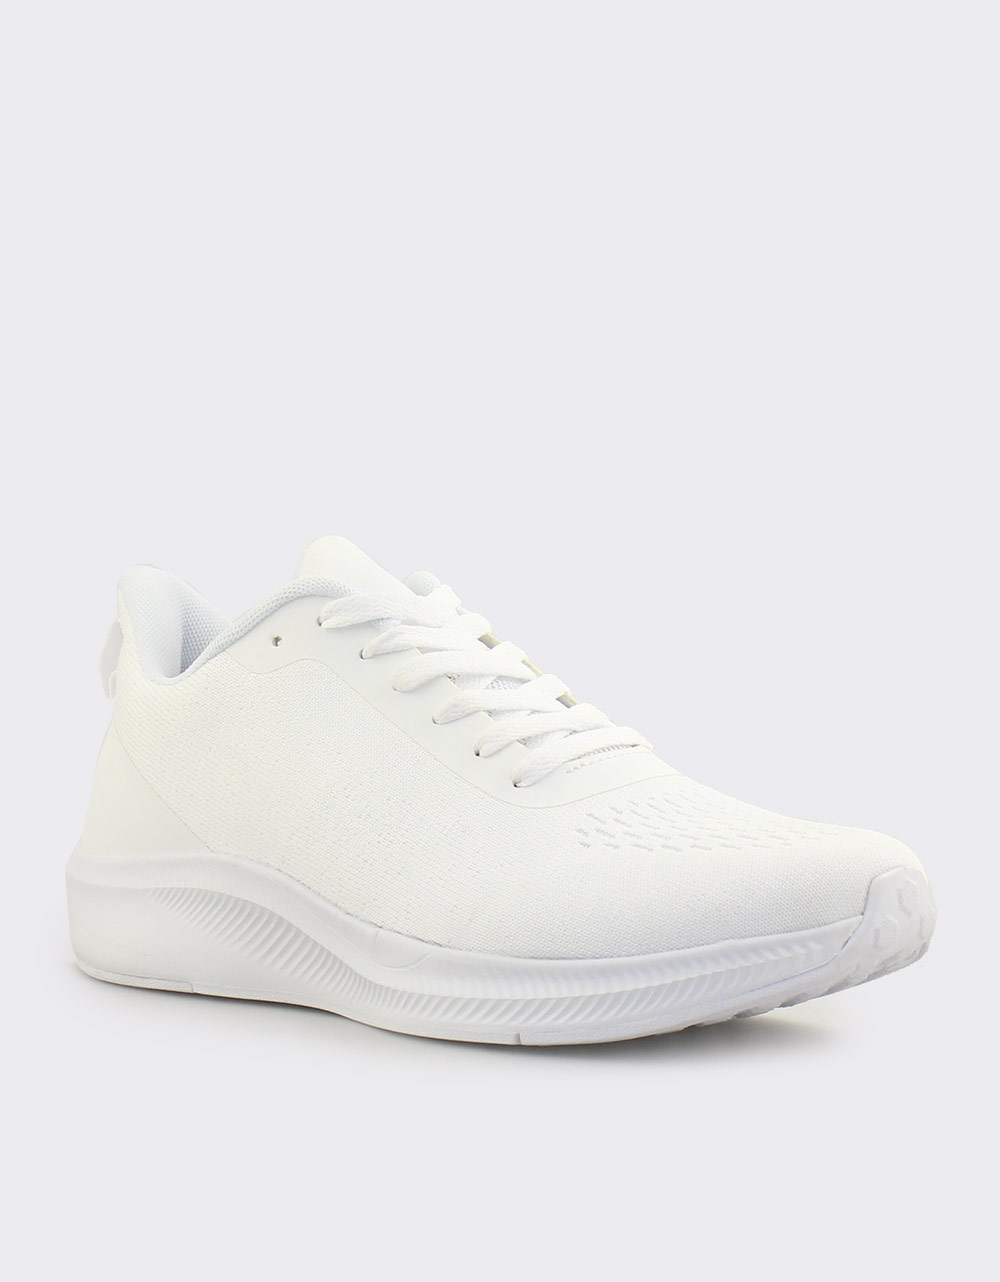 Εικόνα από Ανδρικά sneakers με λεπτομέρειες στη σόλα Λευκό